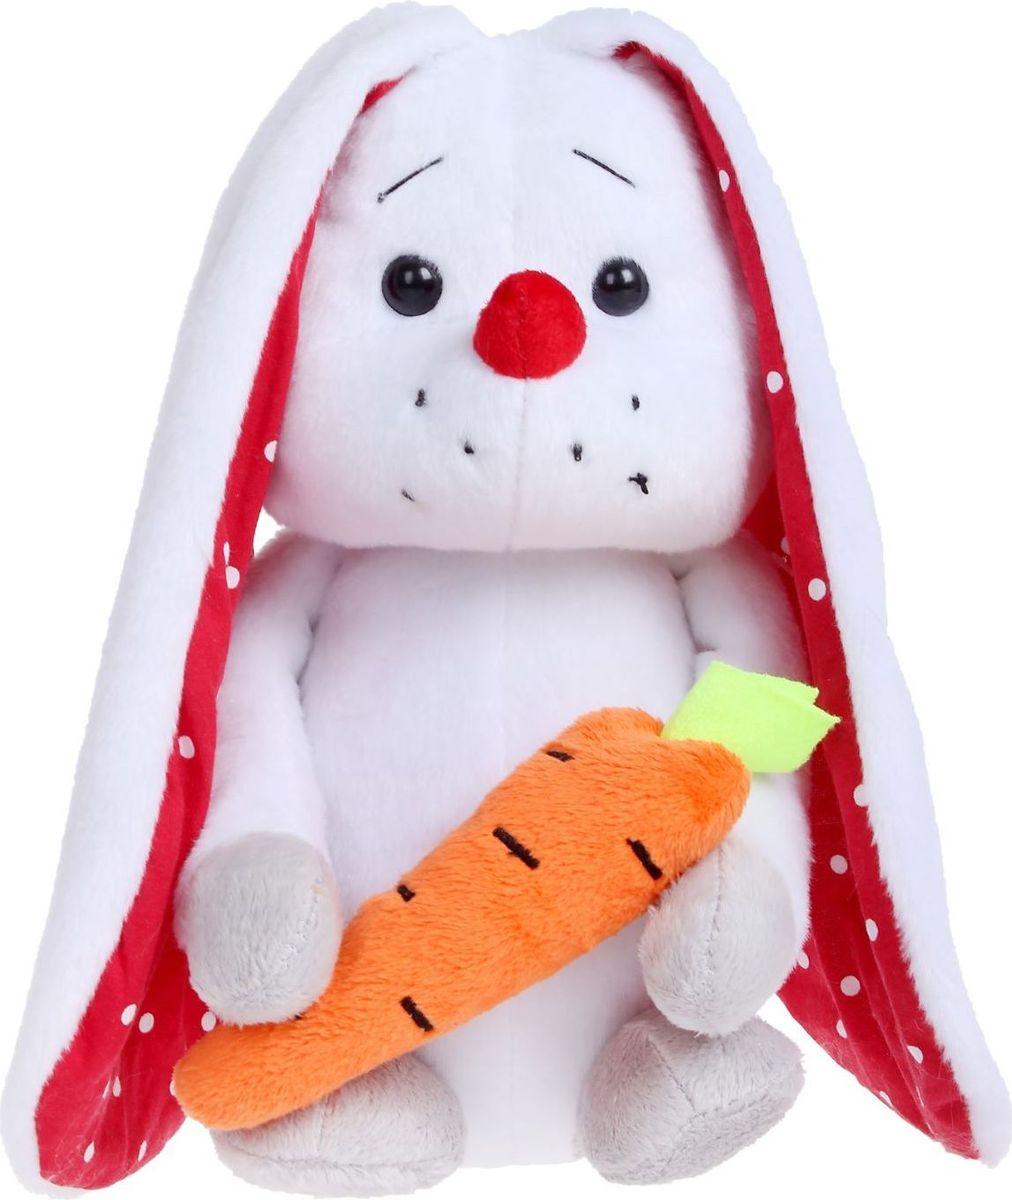 Sima-land Мягкая игрушка Зая с морковкой 28 см малышарики мягкая игрушка собака бассет хаунд 23 см